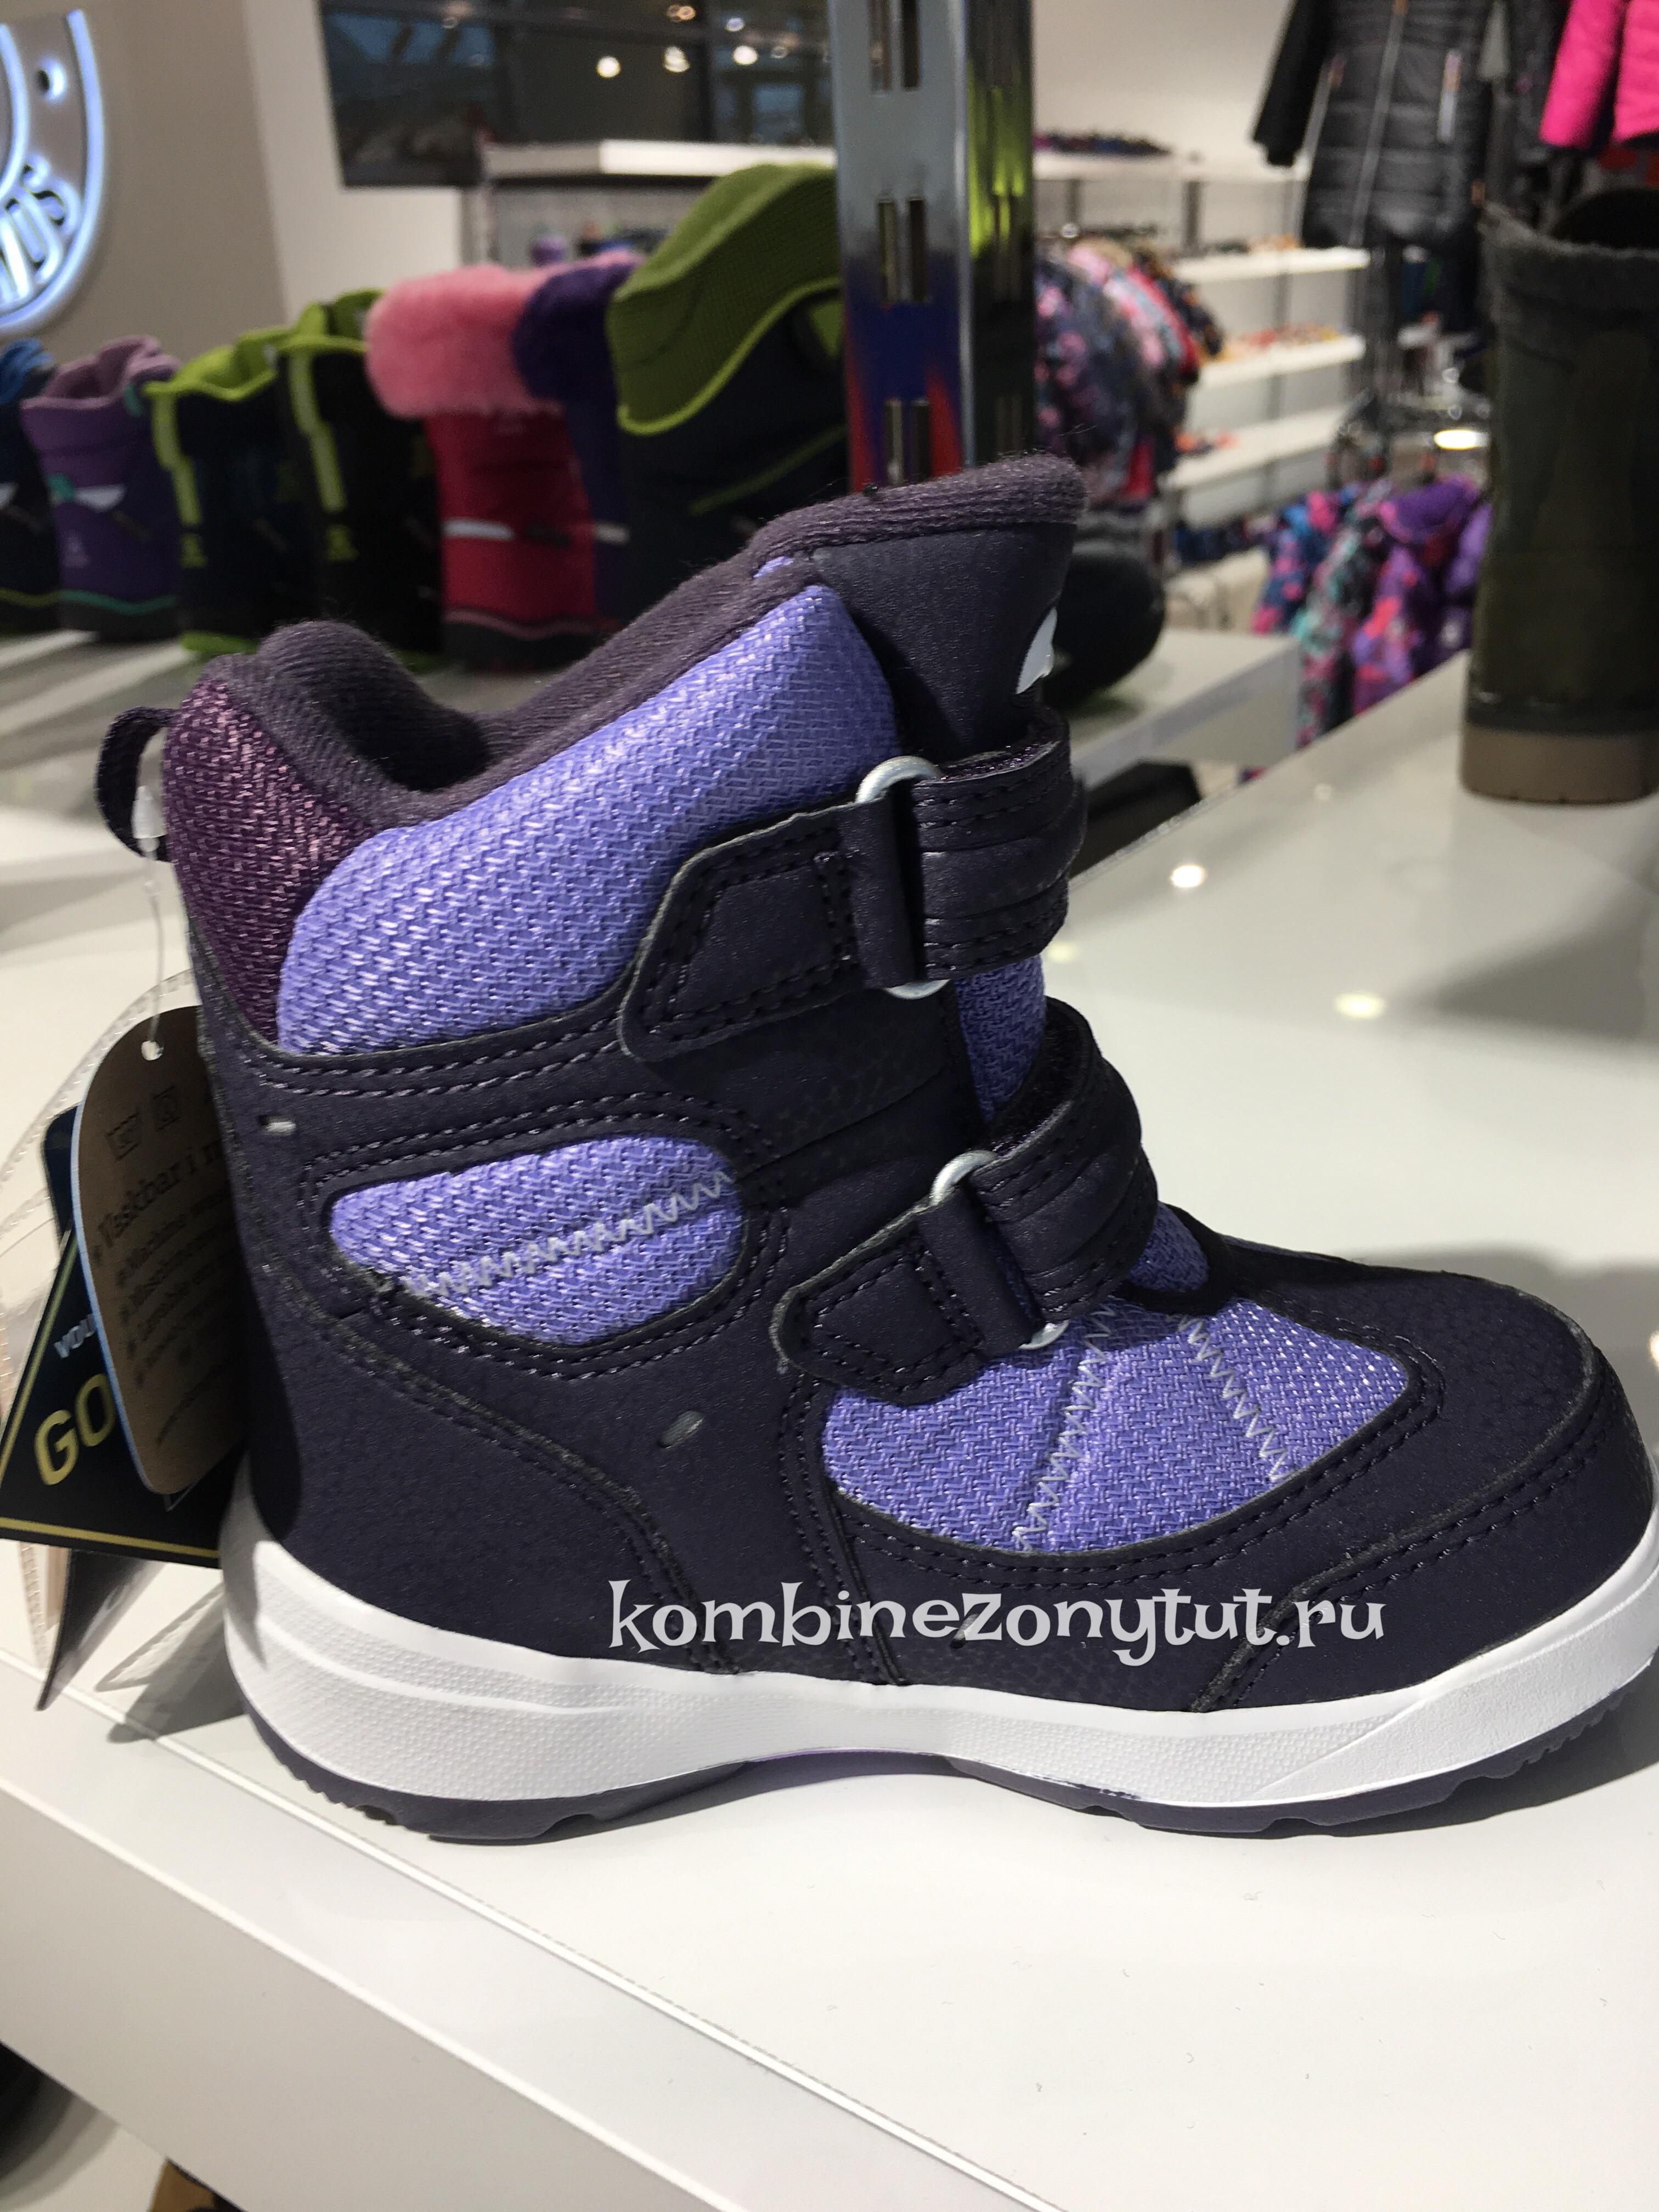 детская обувь Viking, купить зимние ботинки Викинг для ребенка